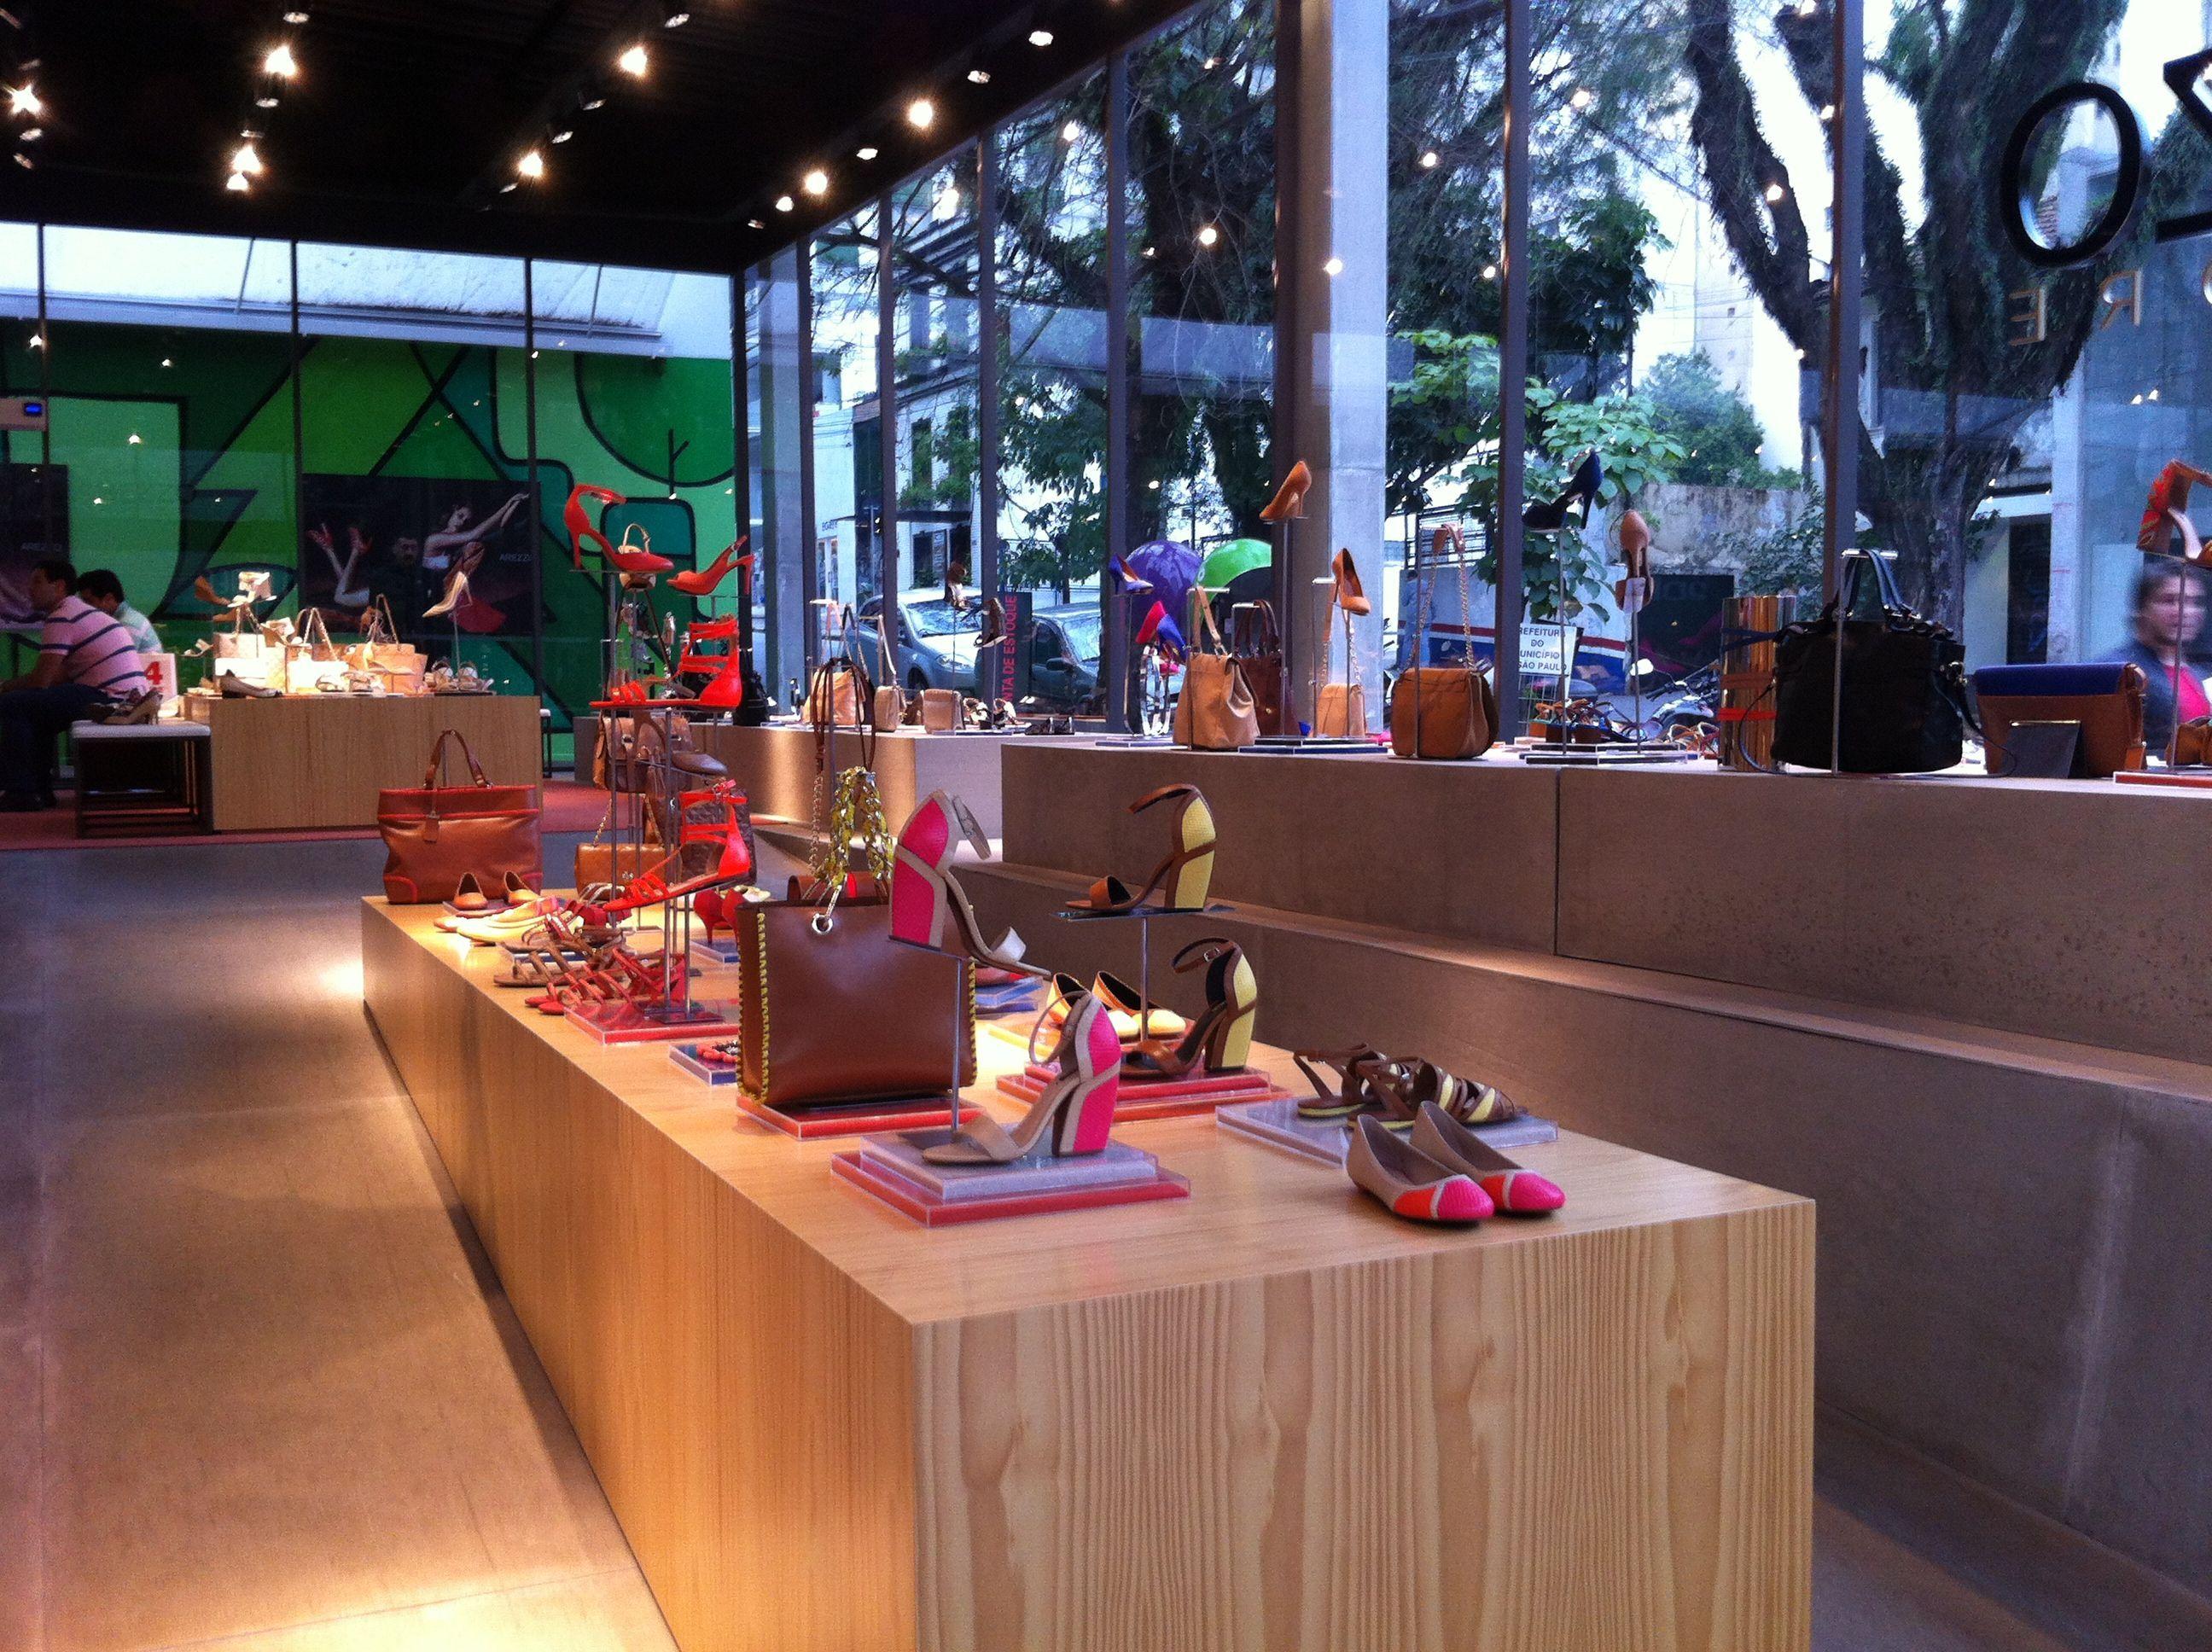 Tienda De Calzado Arezzo En Oscar Freire Ruta De Shopping Http  # Muebles Pedro Baquero